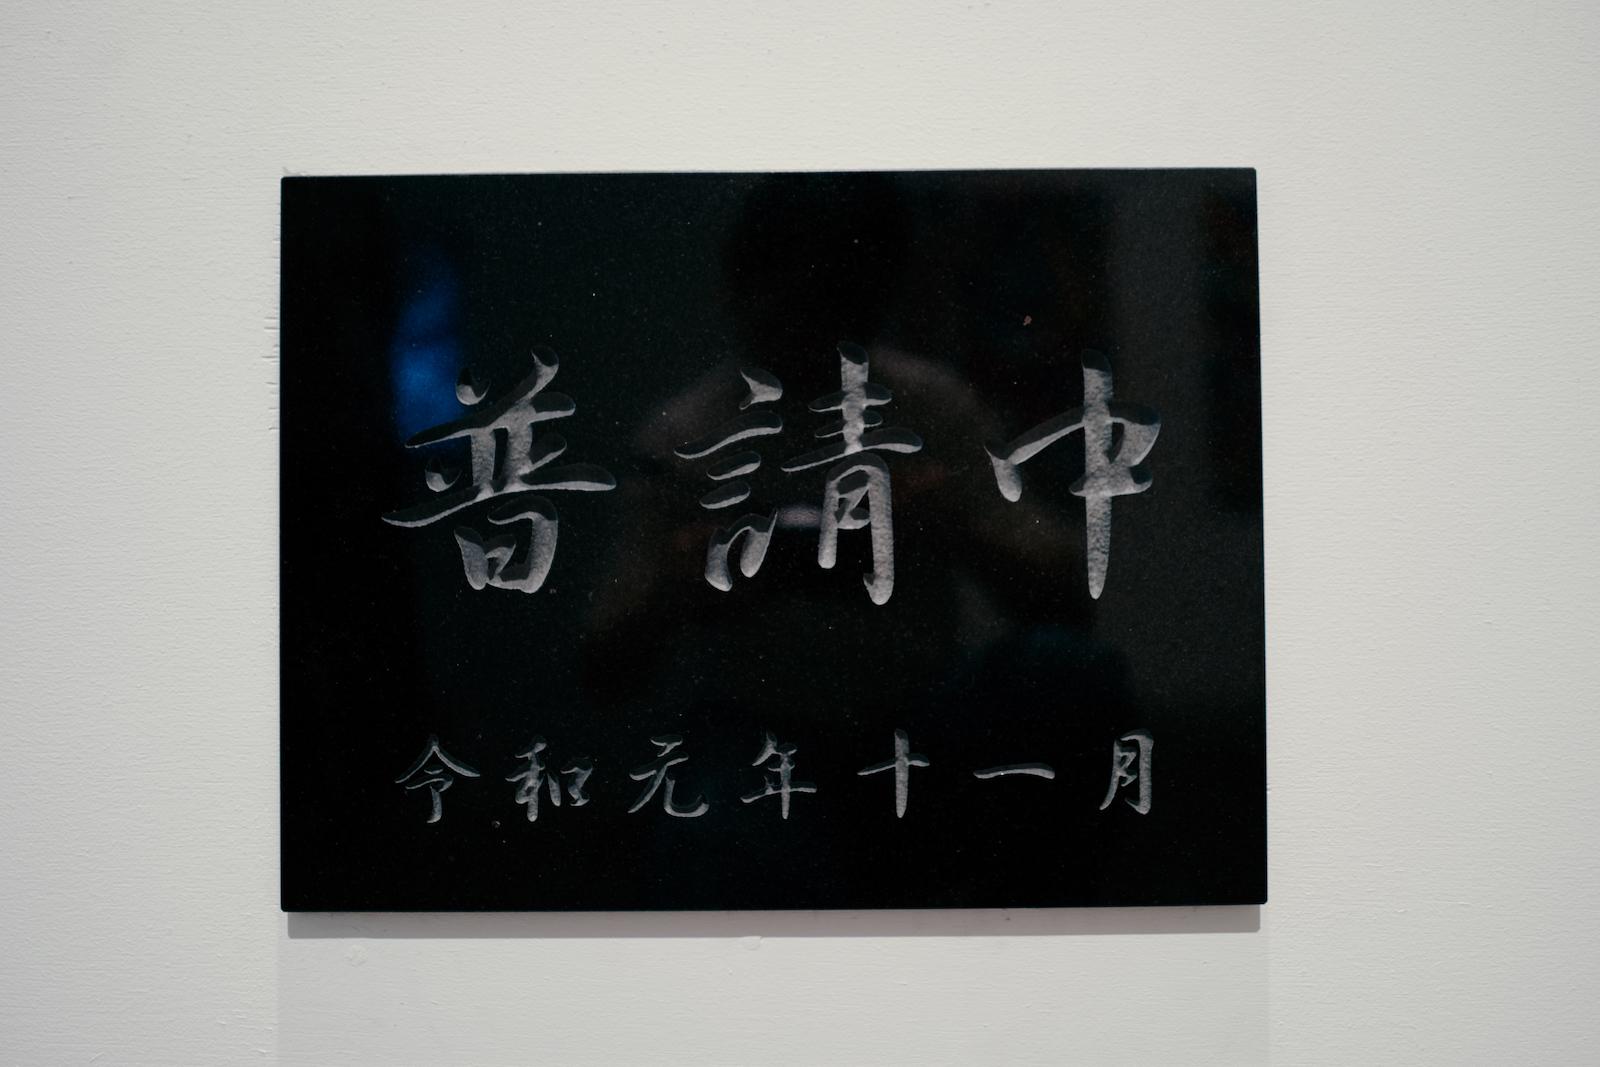 《普請石》(2019)